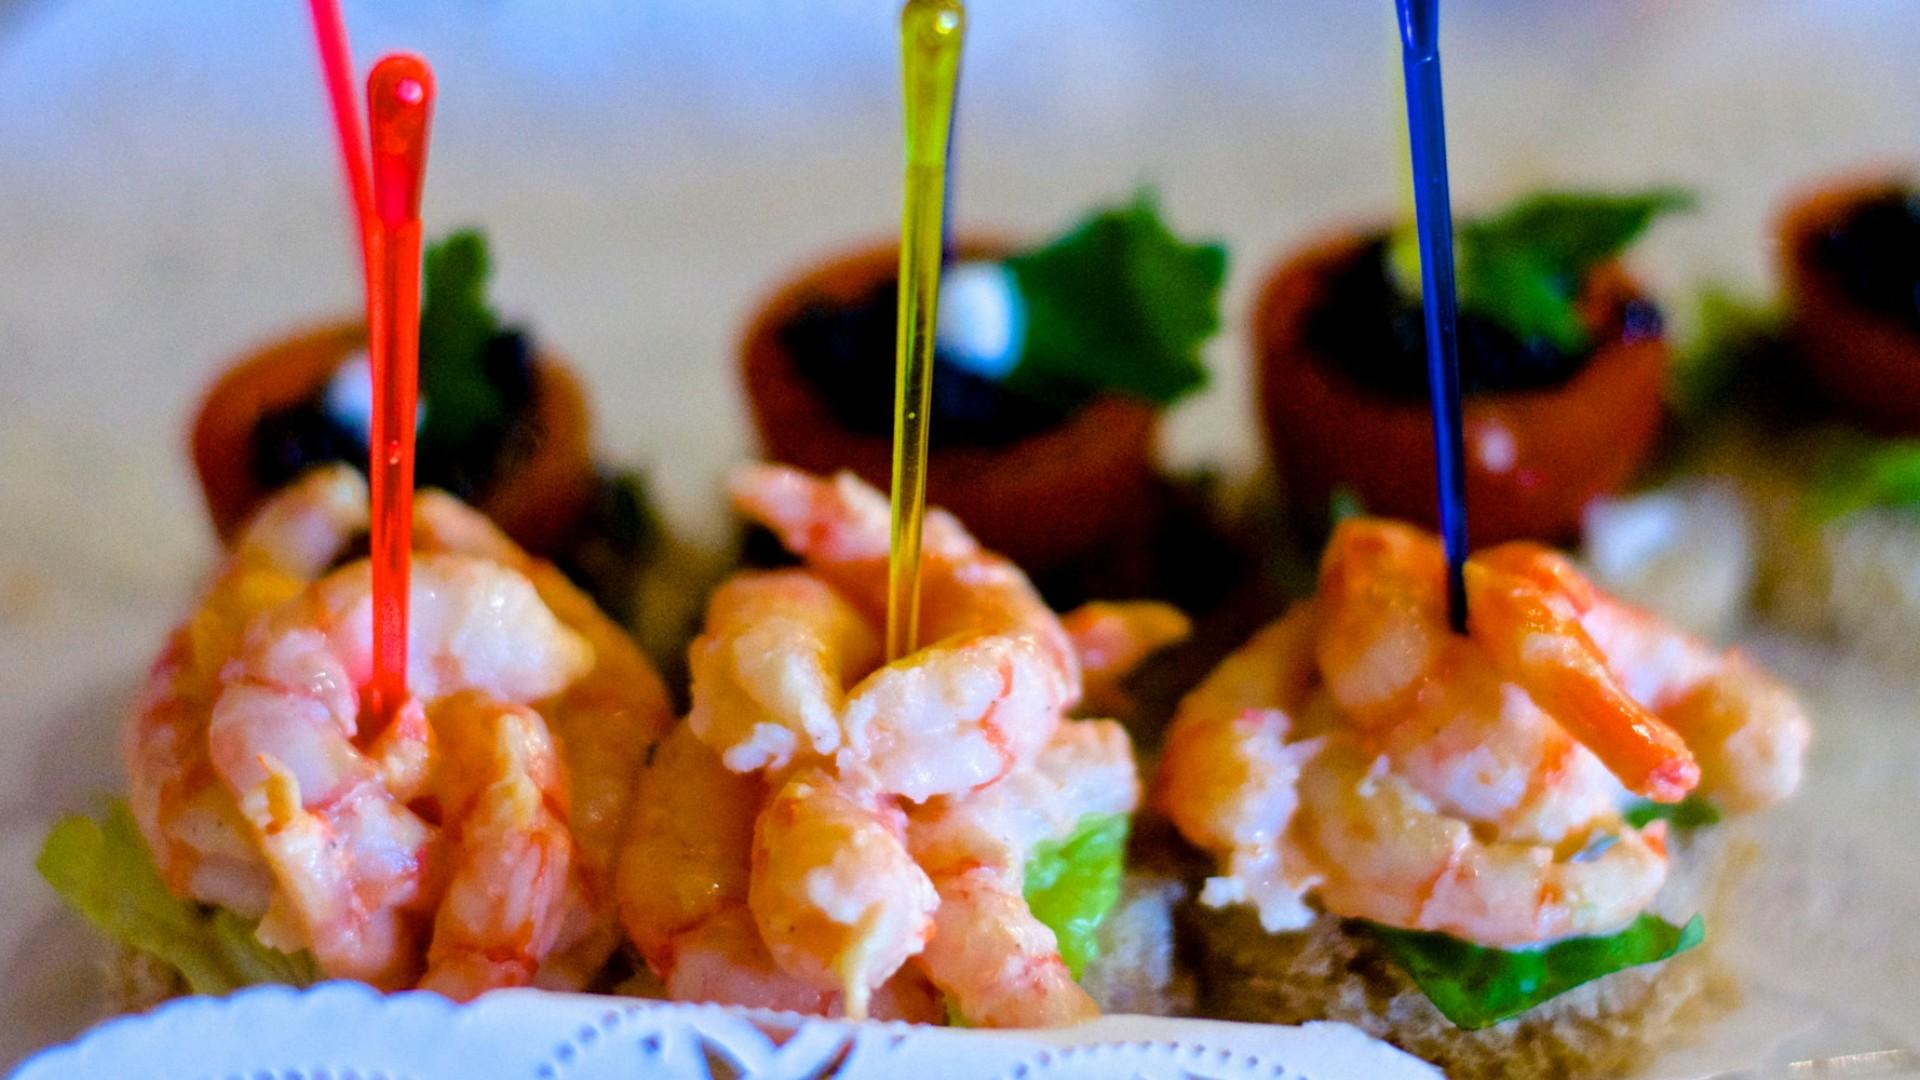 cuisine on antarctica cruise